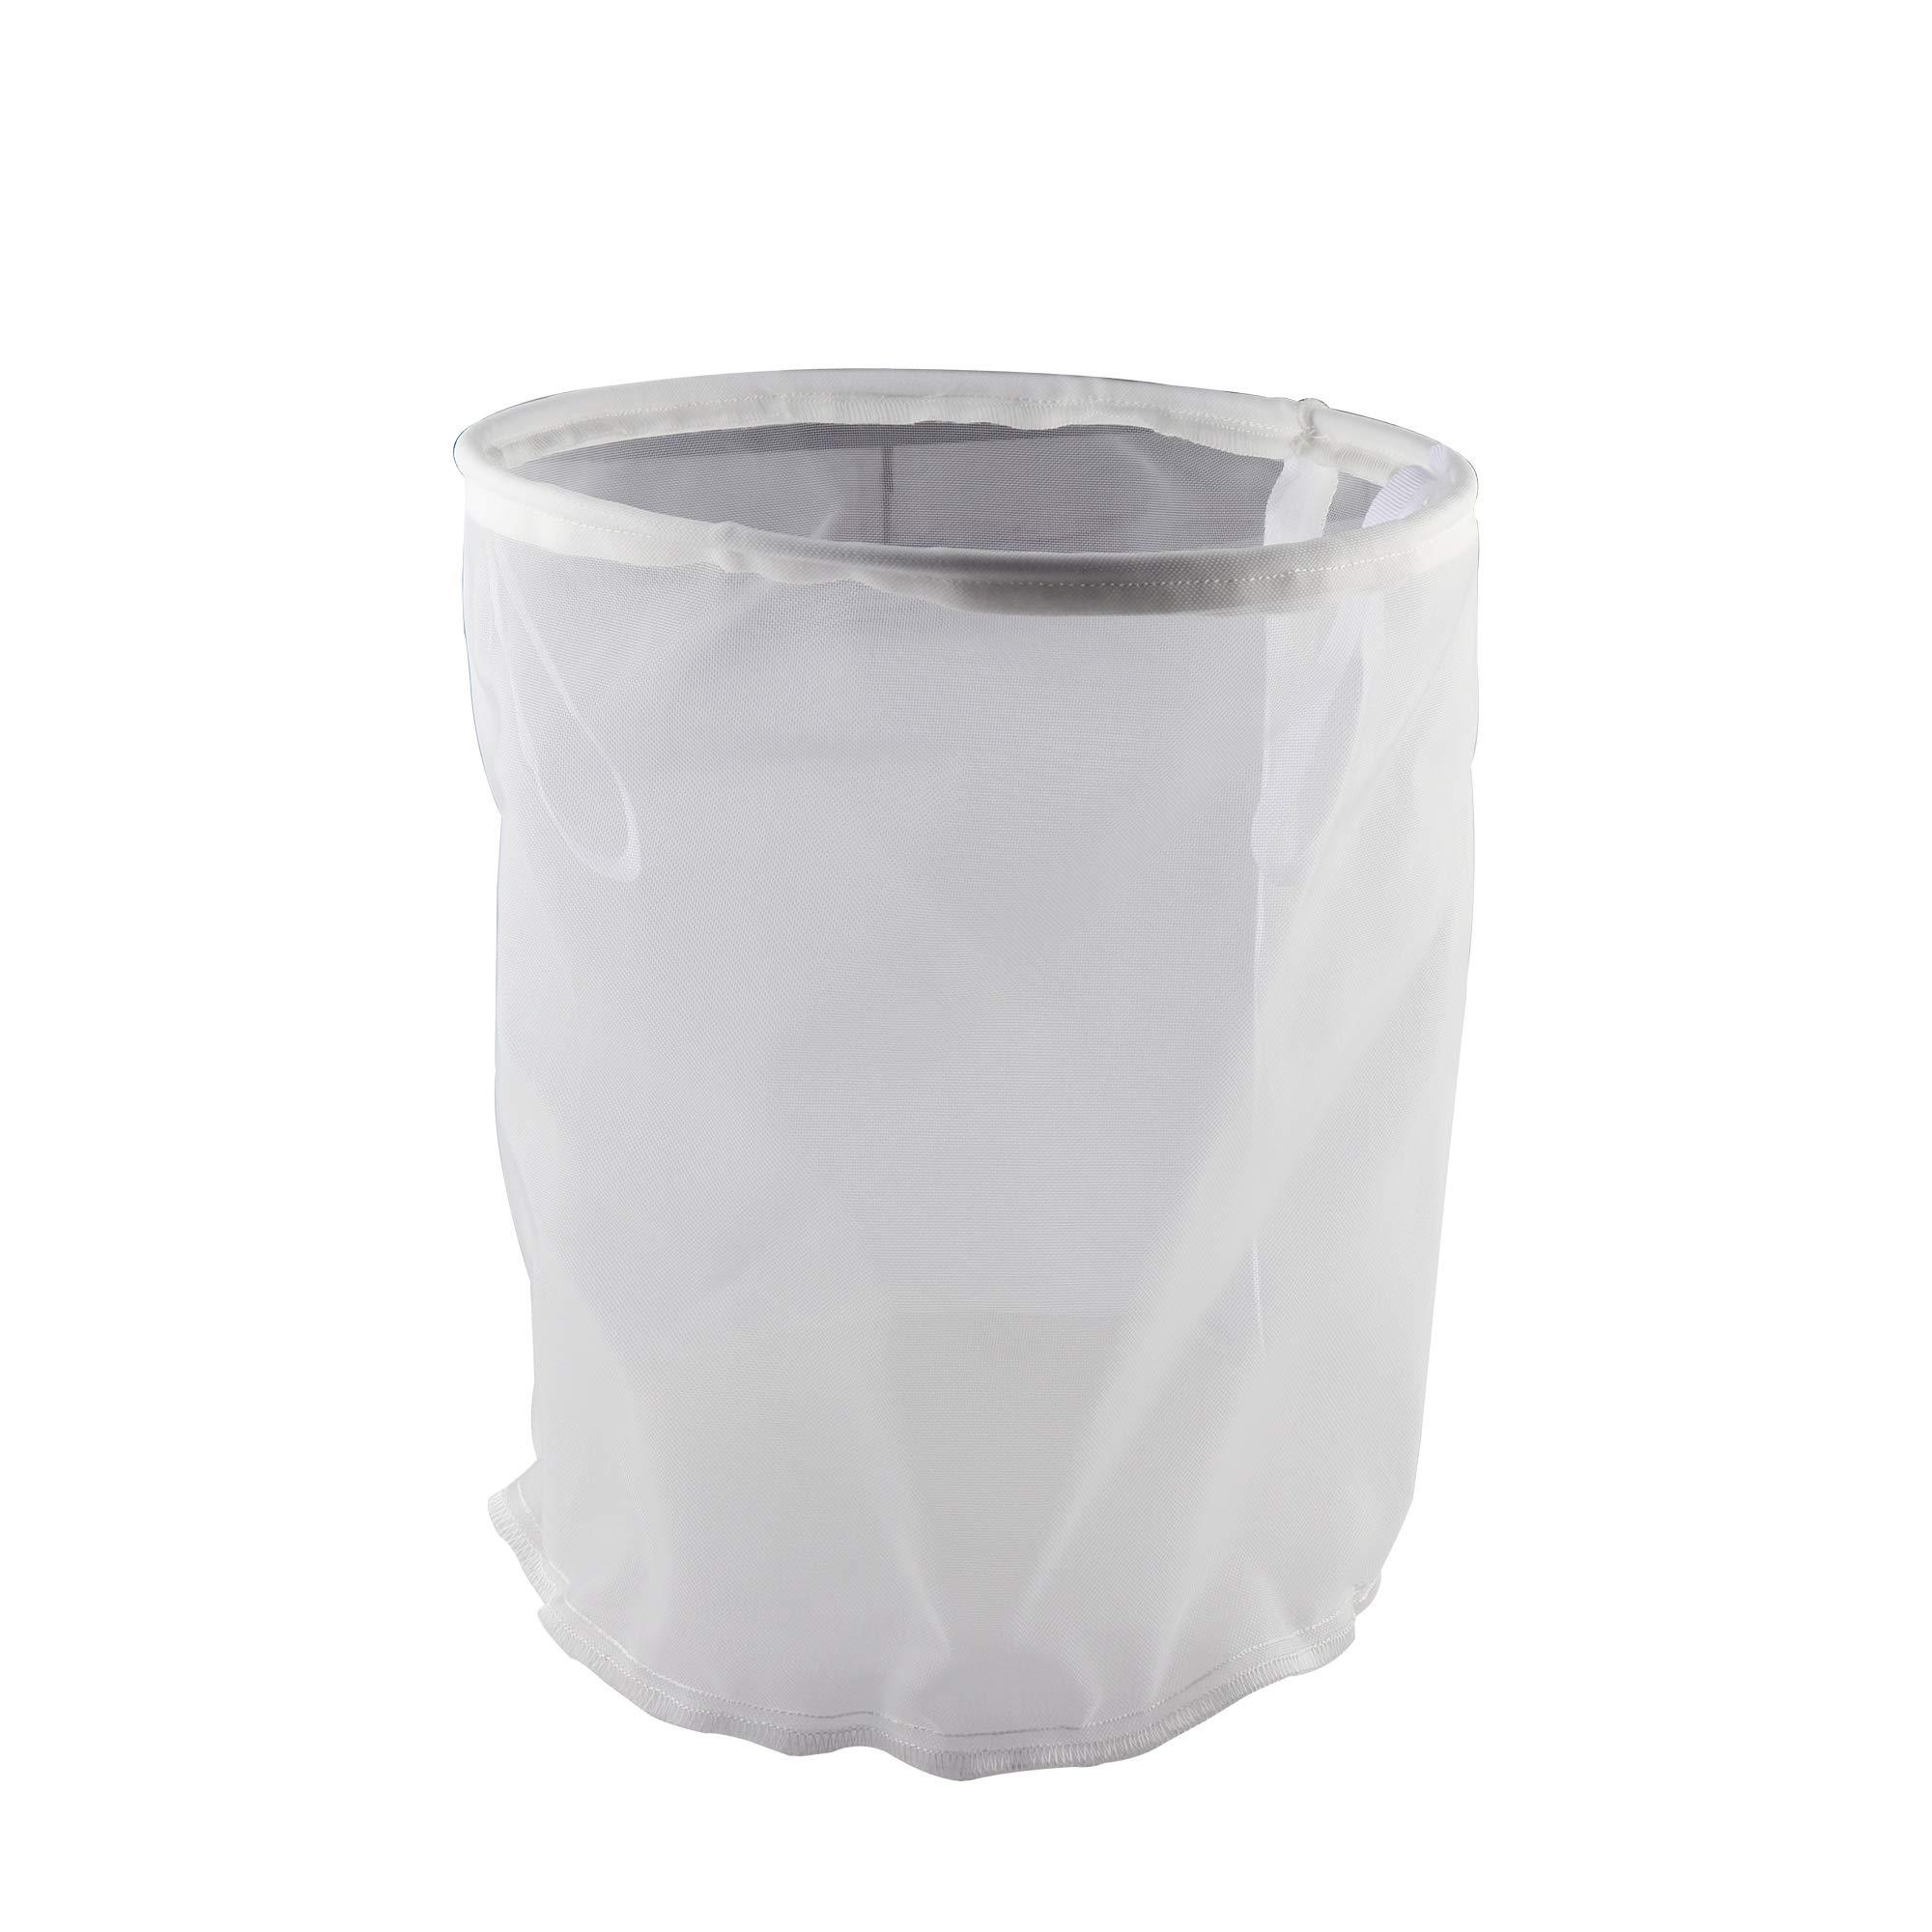 OneBom Brew Bag for Beer Making Reusable Fiber - Food Grade 30 Mesh Grain Malt Filter Bag Easy Clean for Home Brew (12.5''x16'')